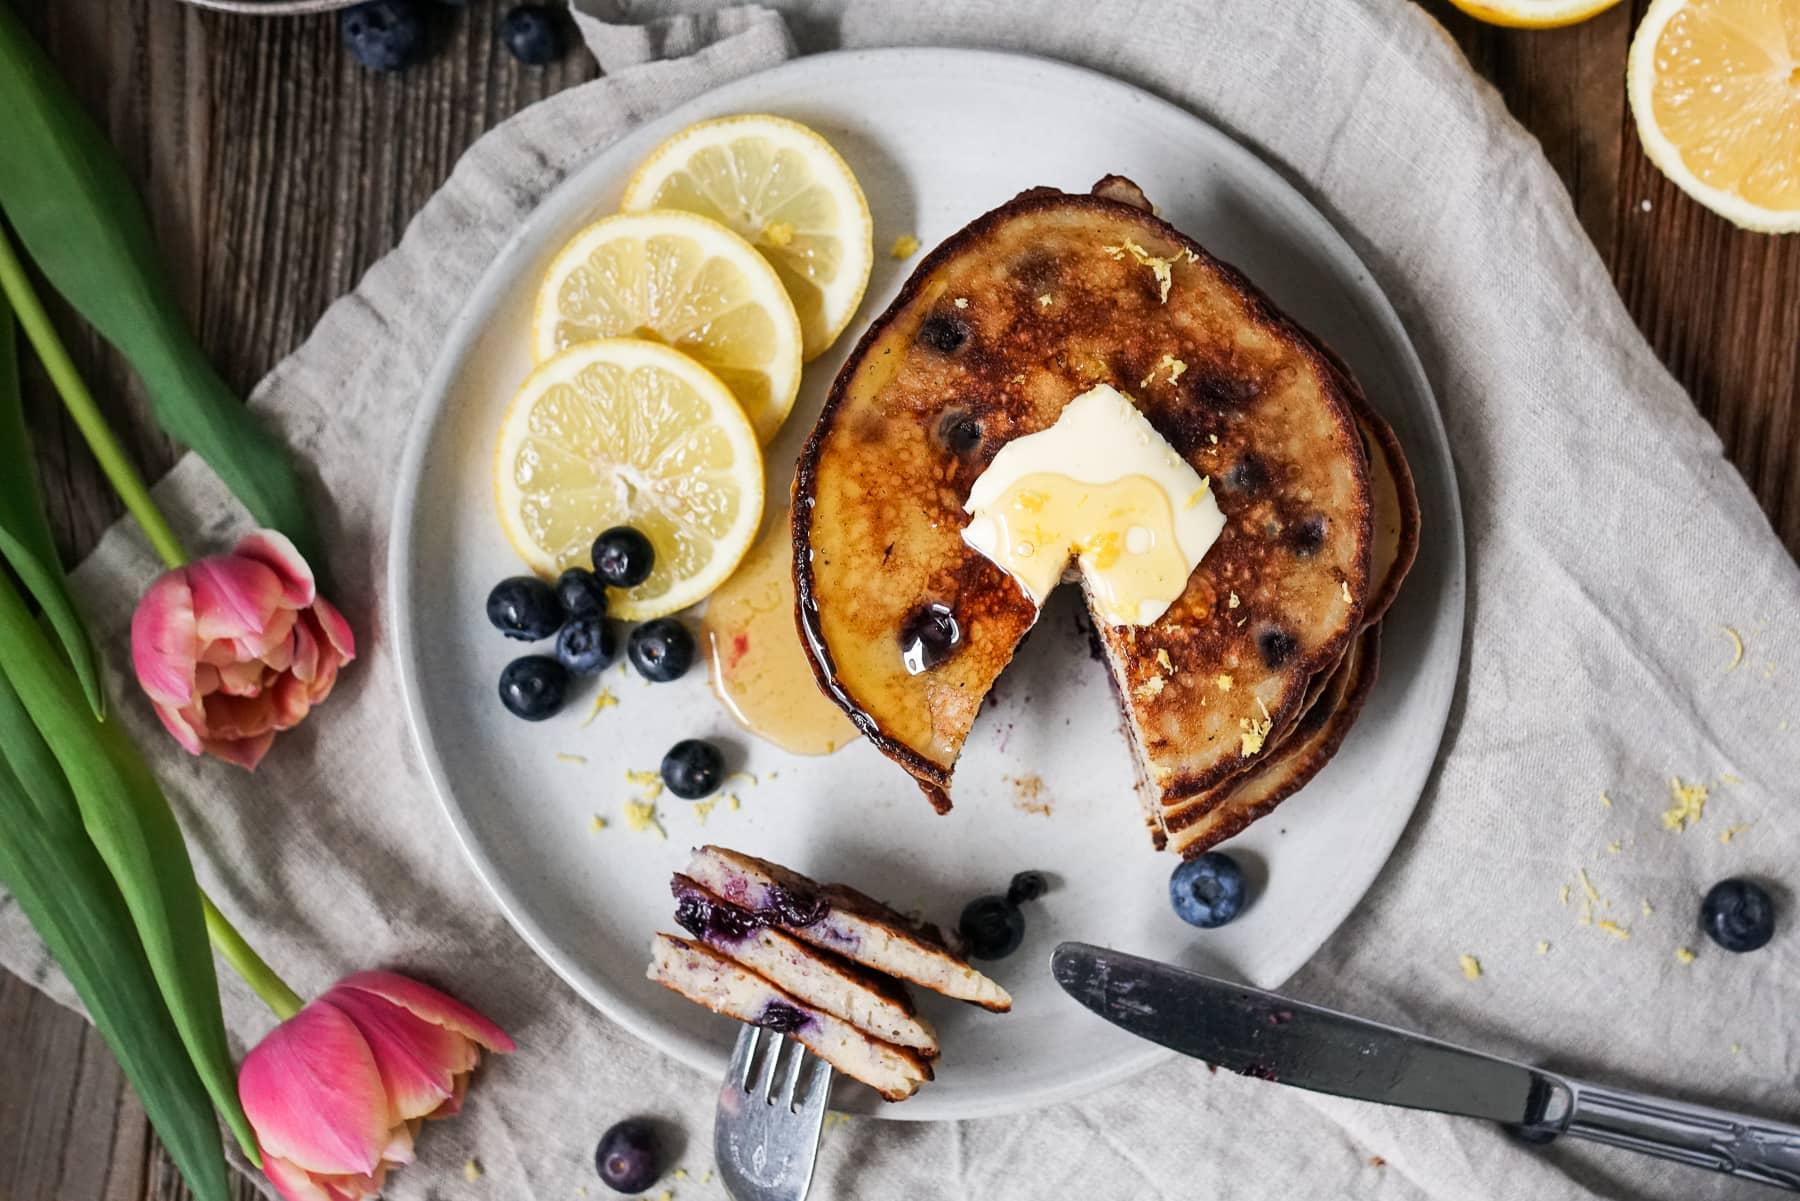 Line backt Zitronen-Ricotta-Pancakes mit Blaubeeren | Line backt | Was is hier eigentlich los?